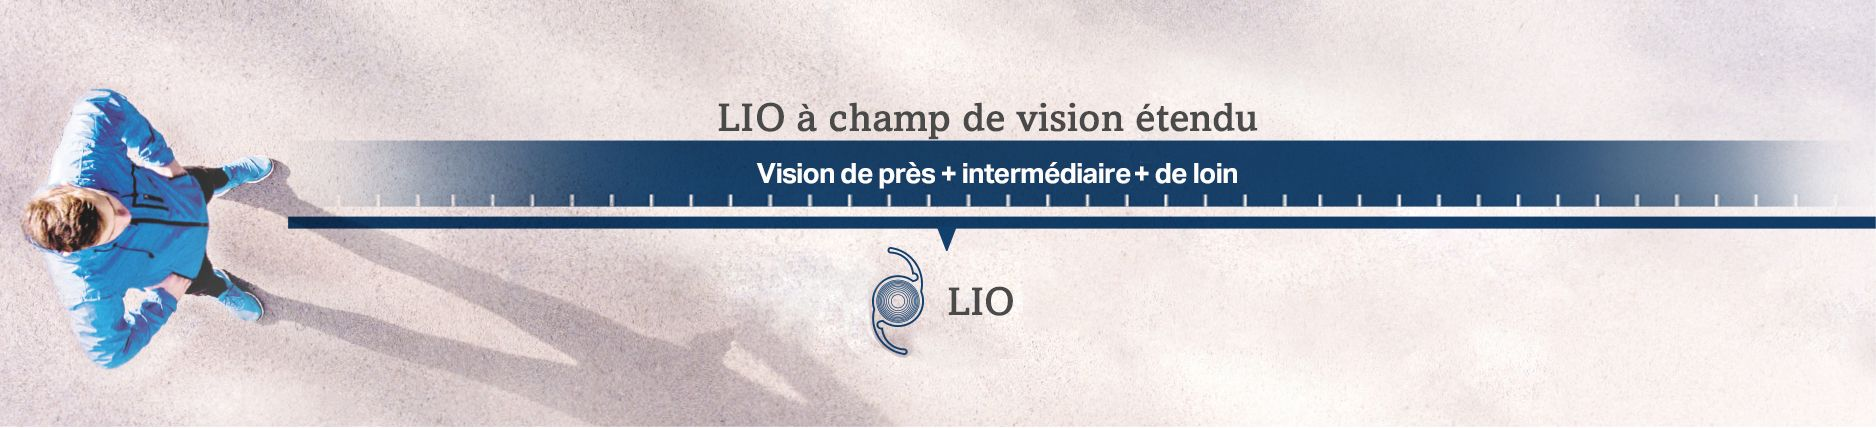 Un homme représentant un champ de vision étendu en vision de près, de loin et intermédiaire avec une LIO à champ de vision étendu